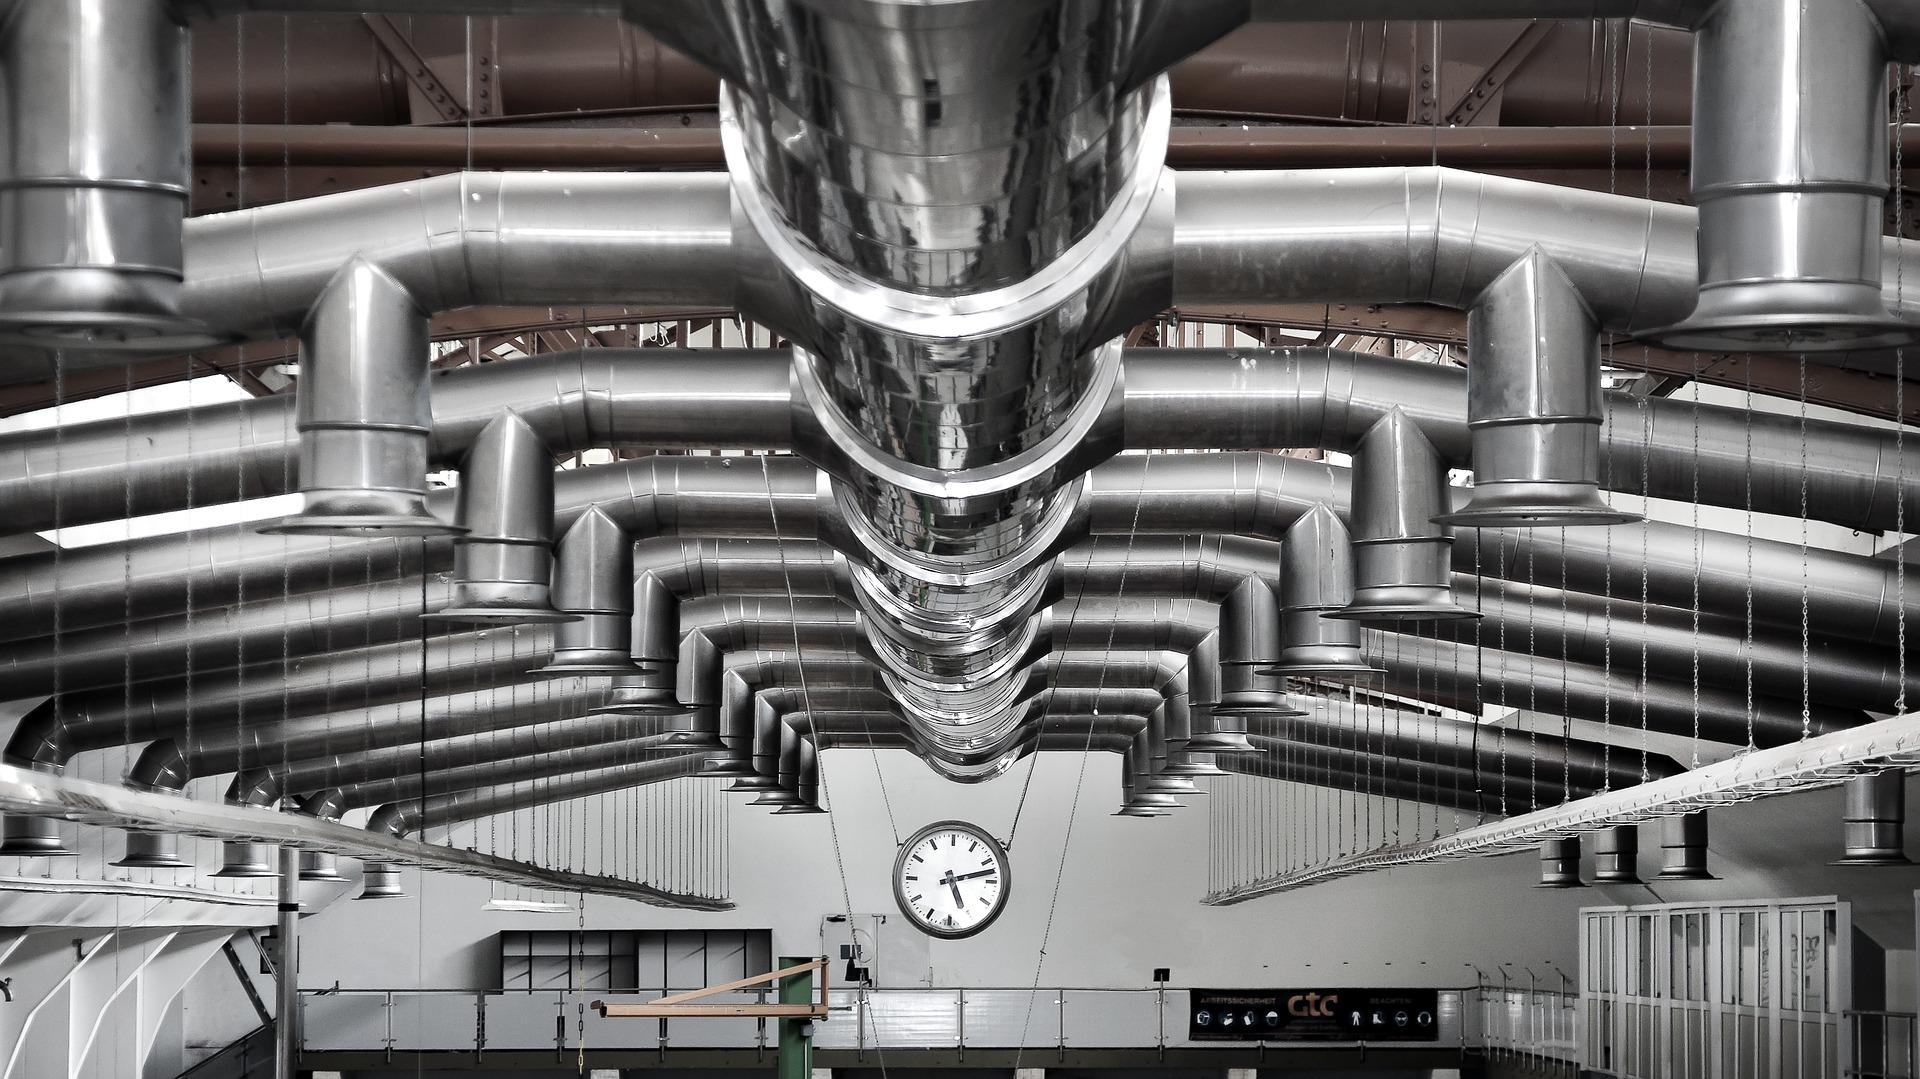 Un système de ventilation installé dans une usine